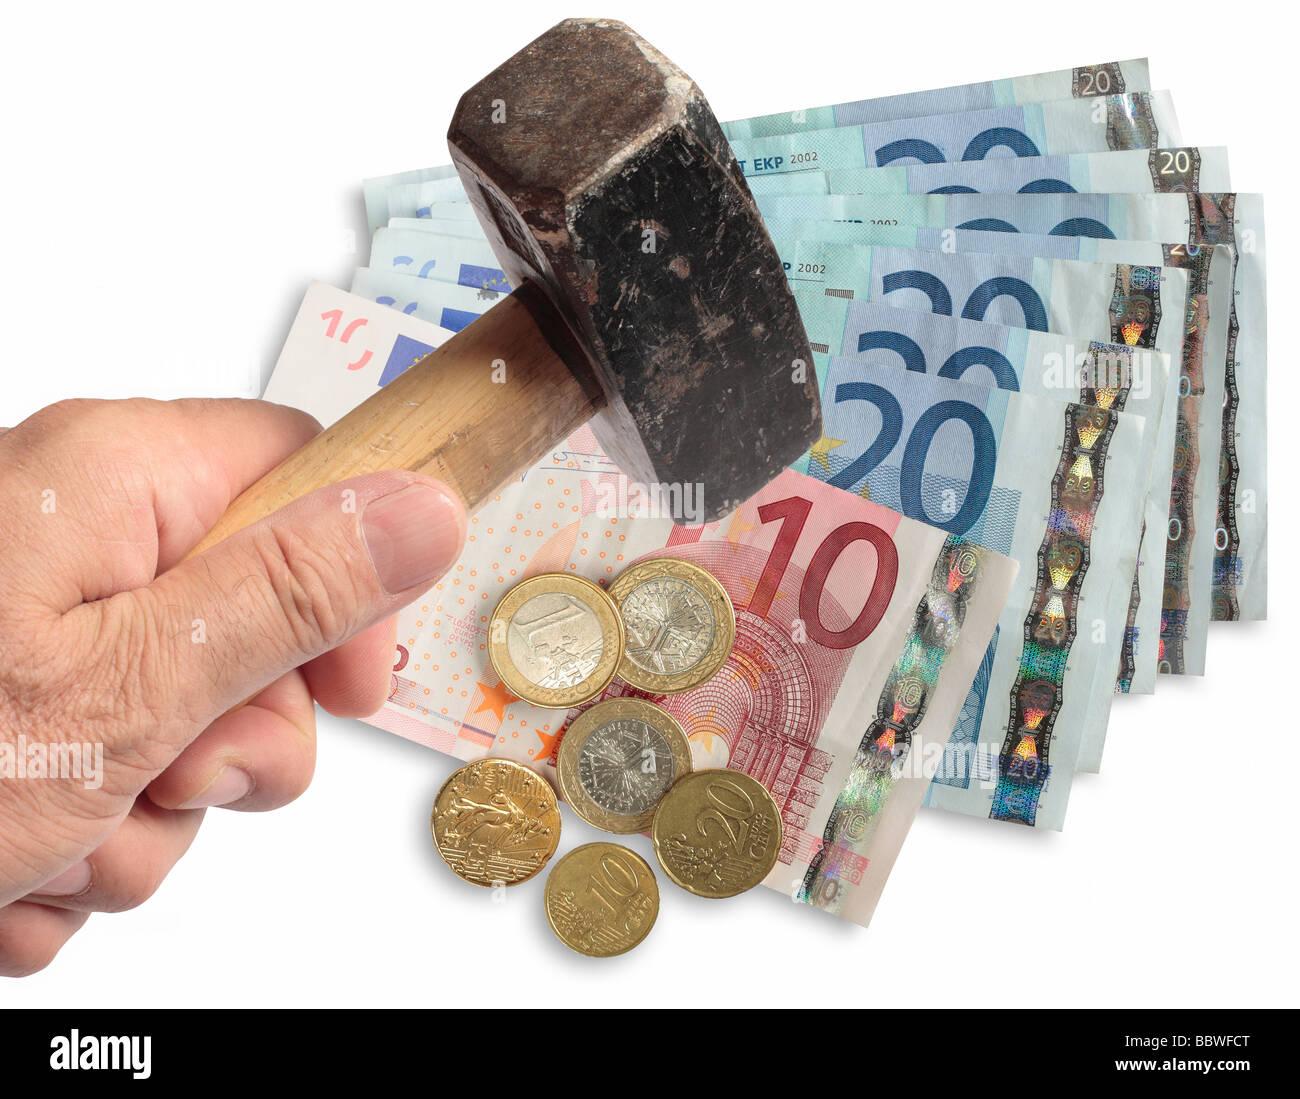 Euro an ausländischen Börsen gehämmert. Stockbild